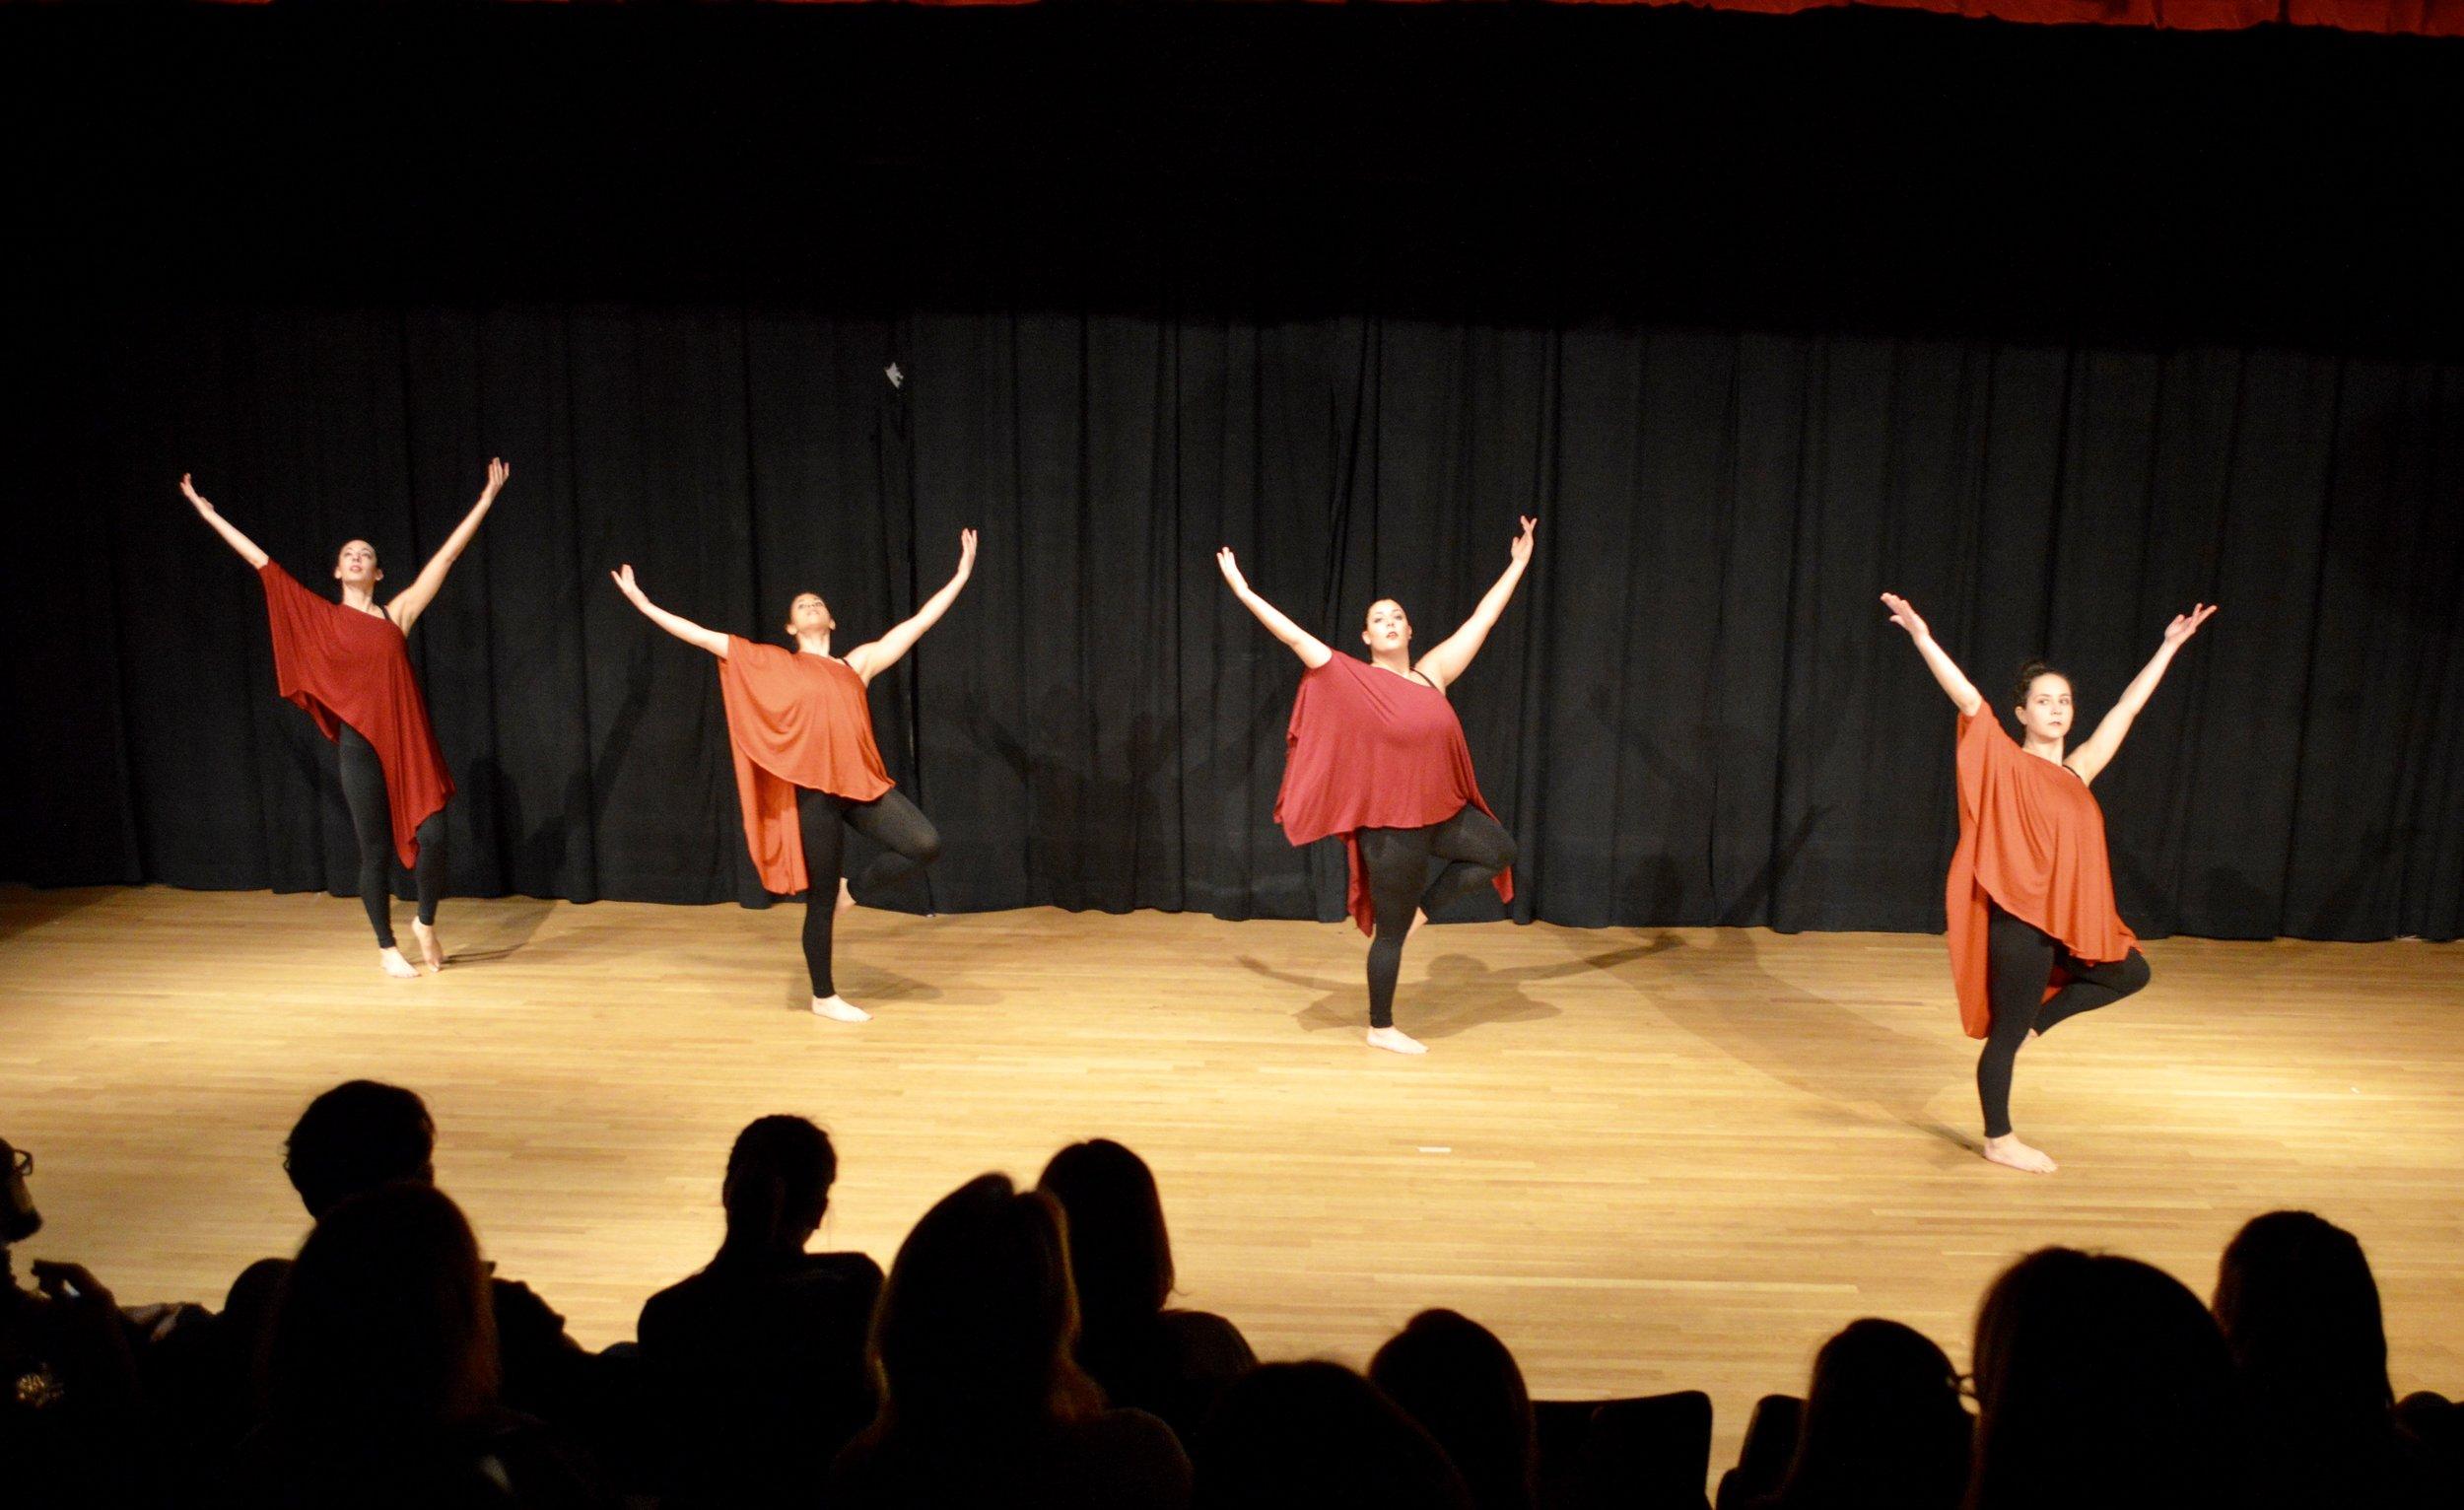 Andrea Mychaels Dance Project